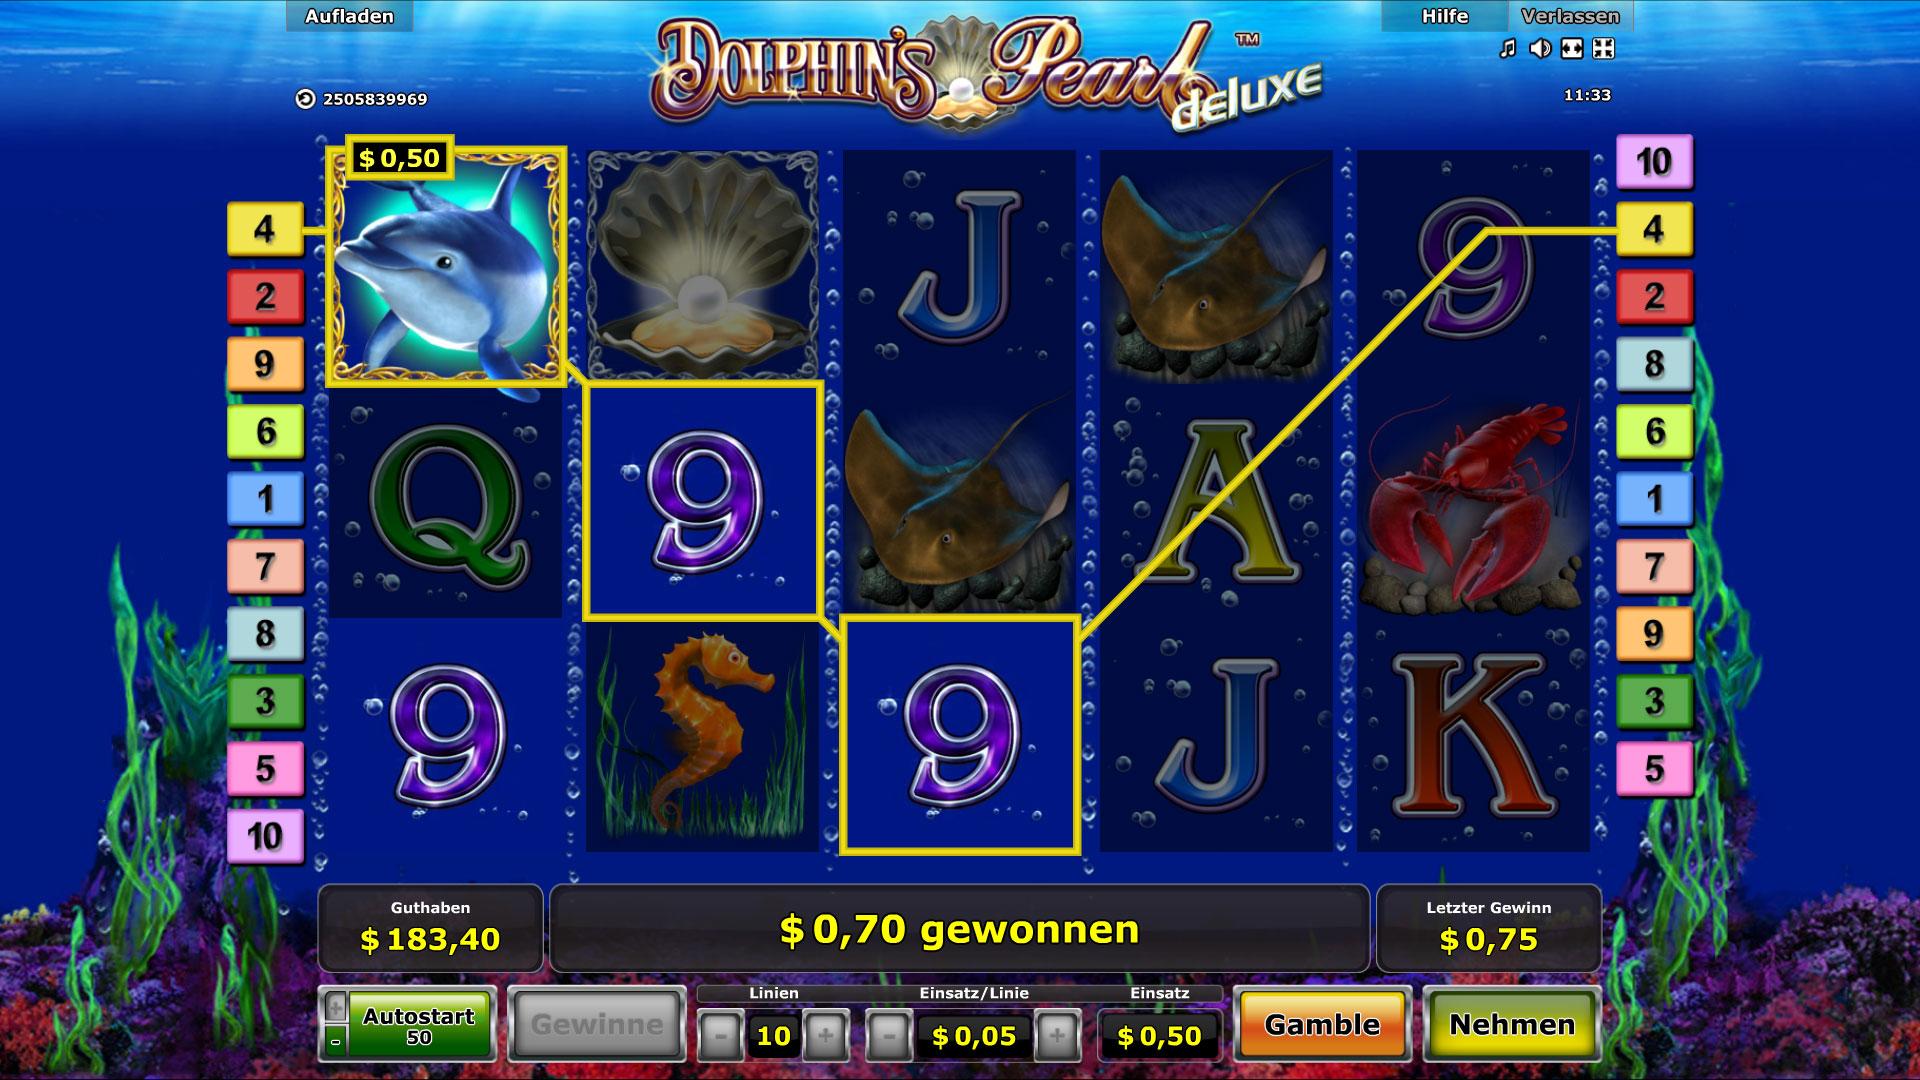 Fantasia Casino Test - Werden Gewinne 2021 ausbezahlt?